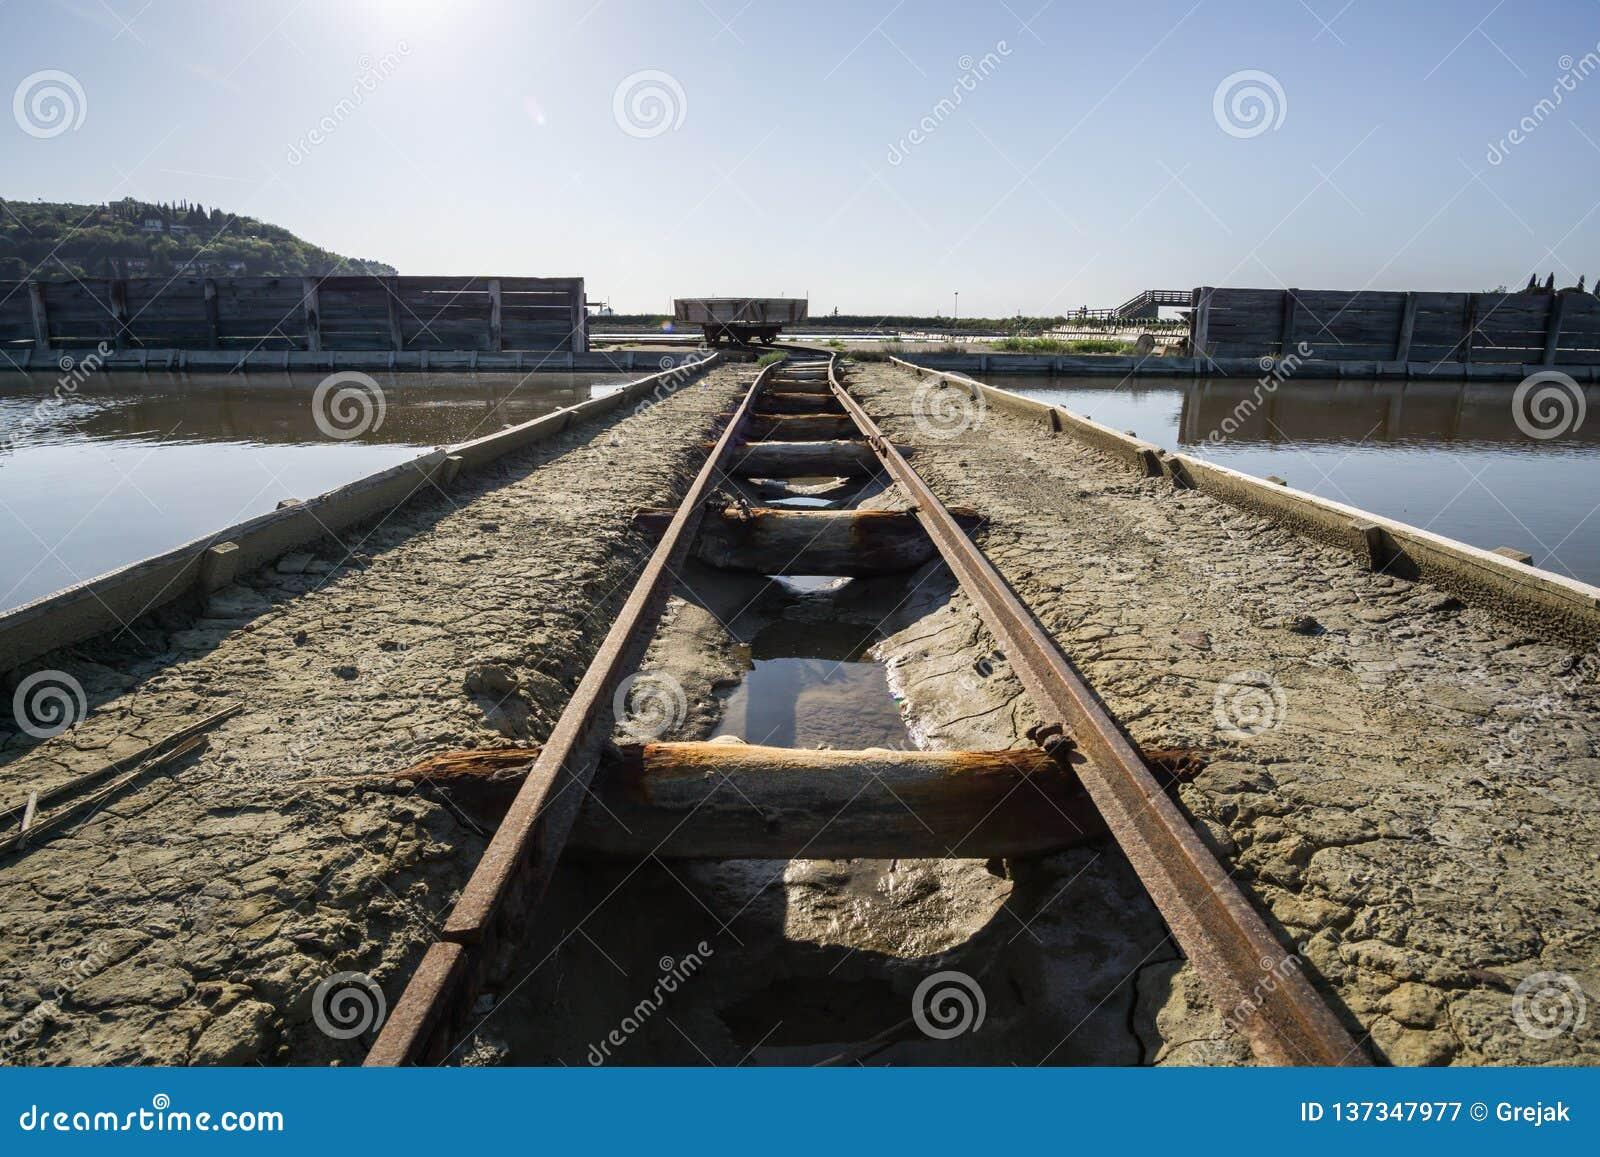 Получившаяся отказ ржавая железная дорога шахты рядом с рекой